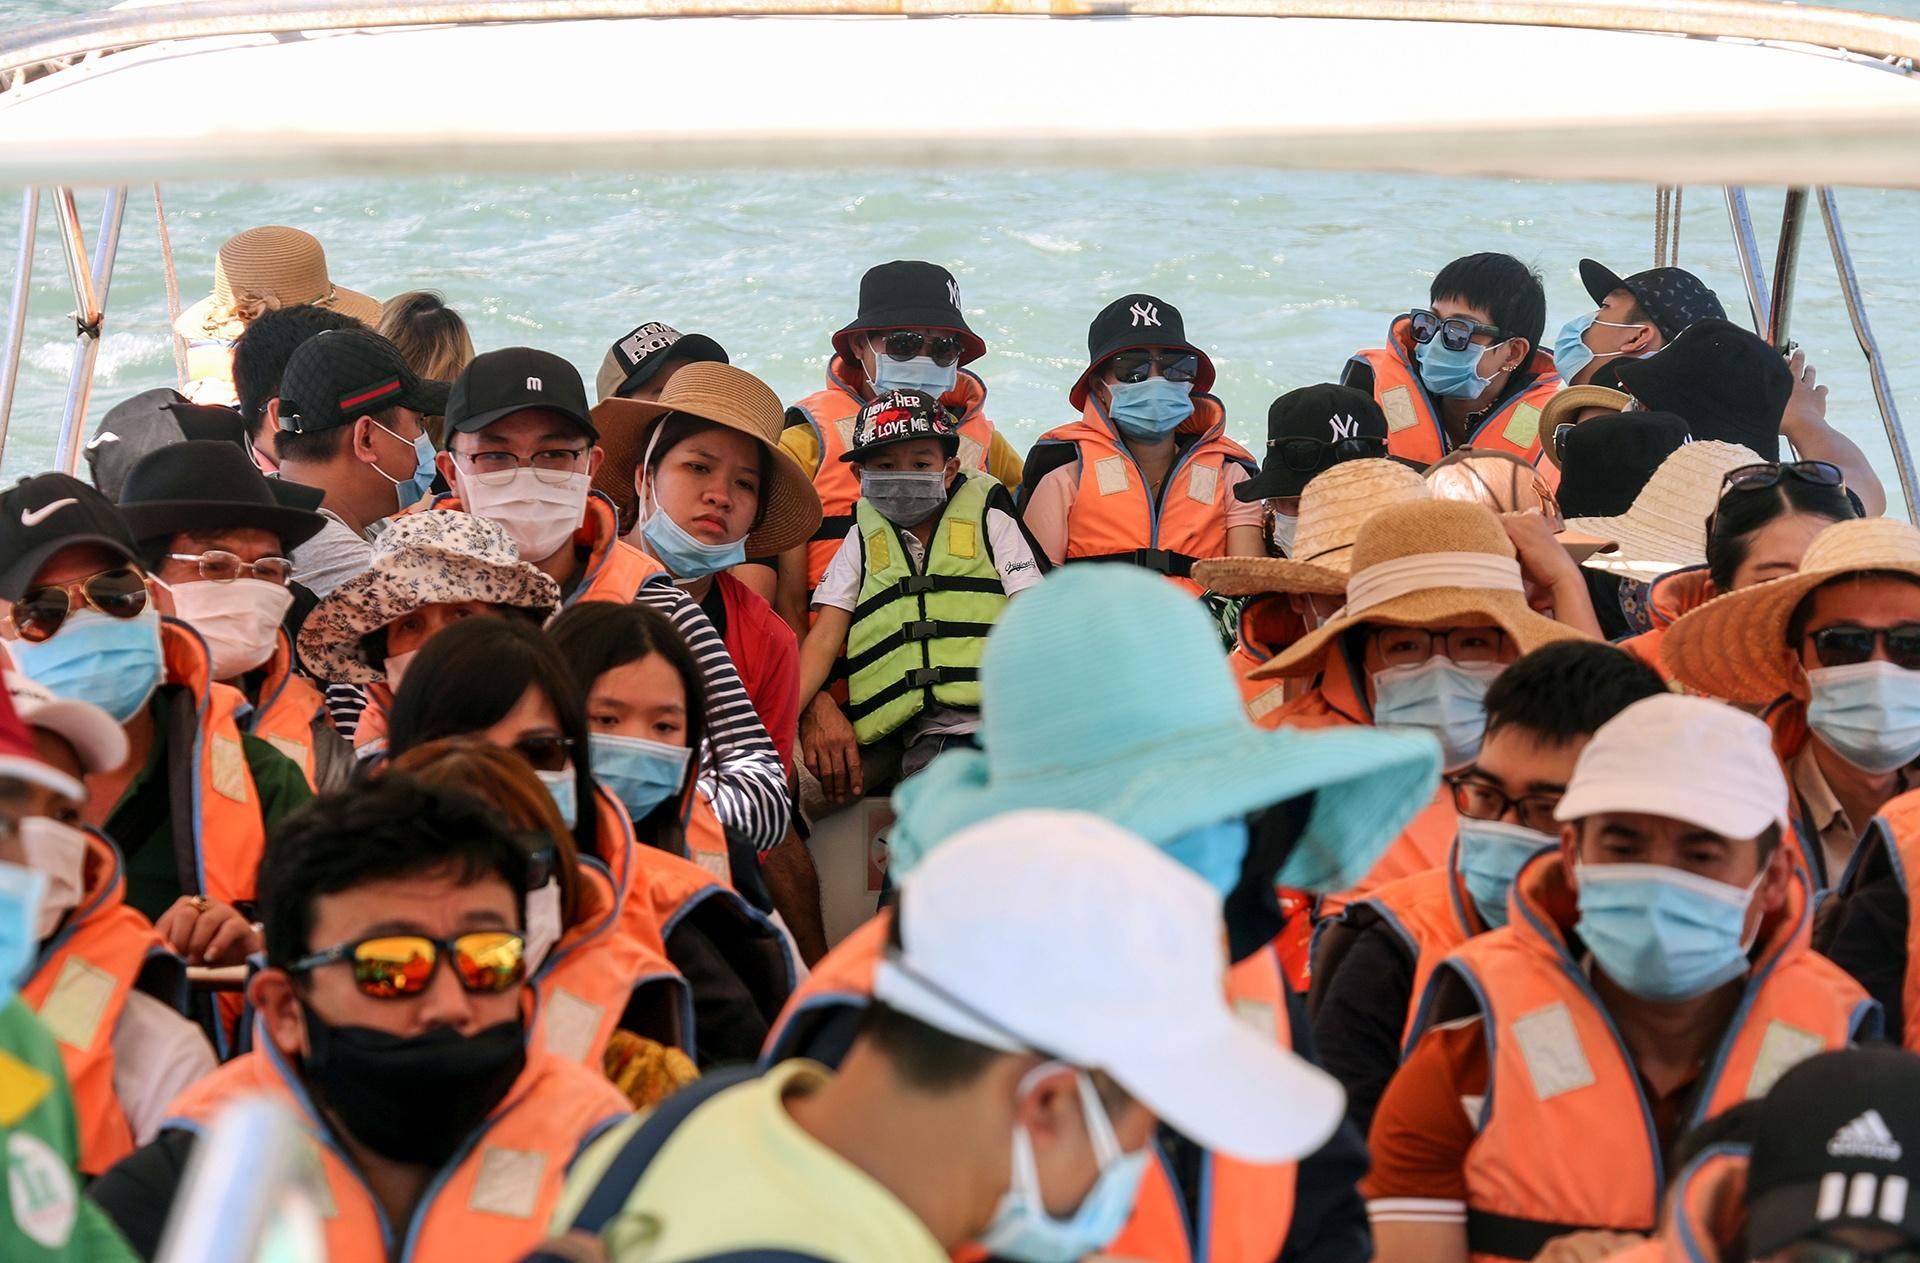 Hàng triệu người du lịch khắp cả nước 4 ngày nghỉ lễ - Ảnh 17.